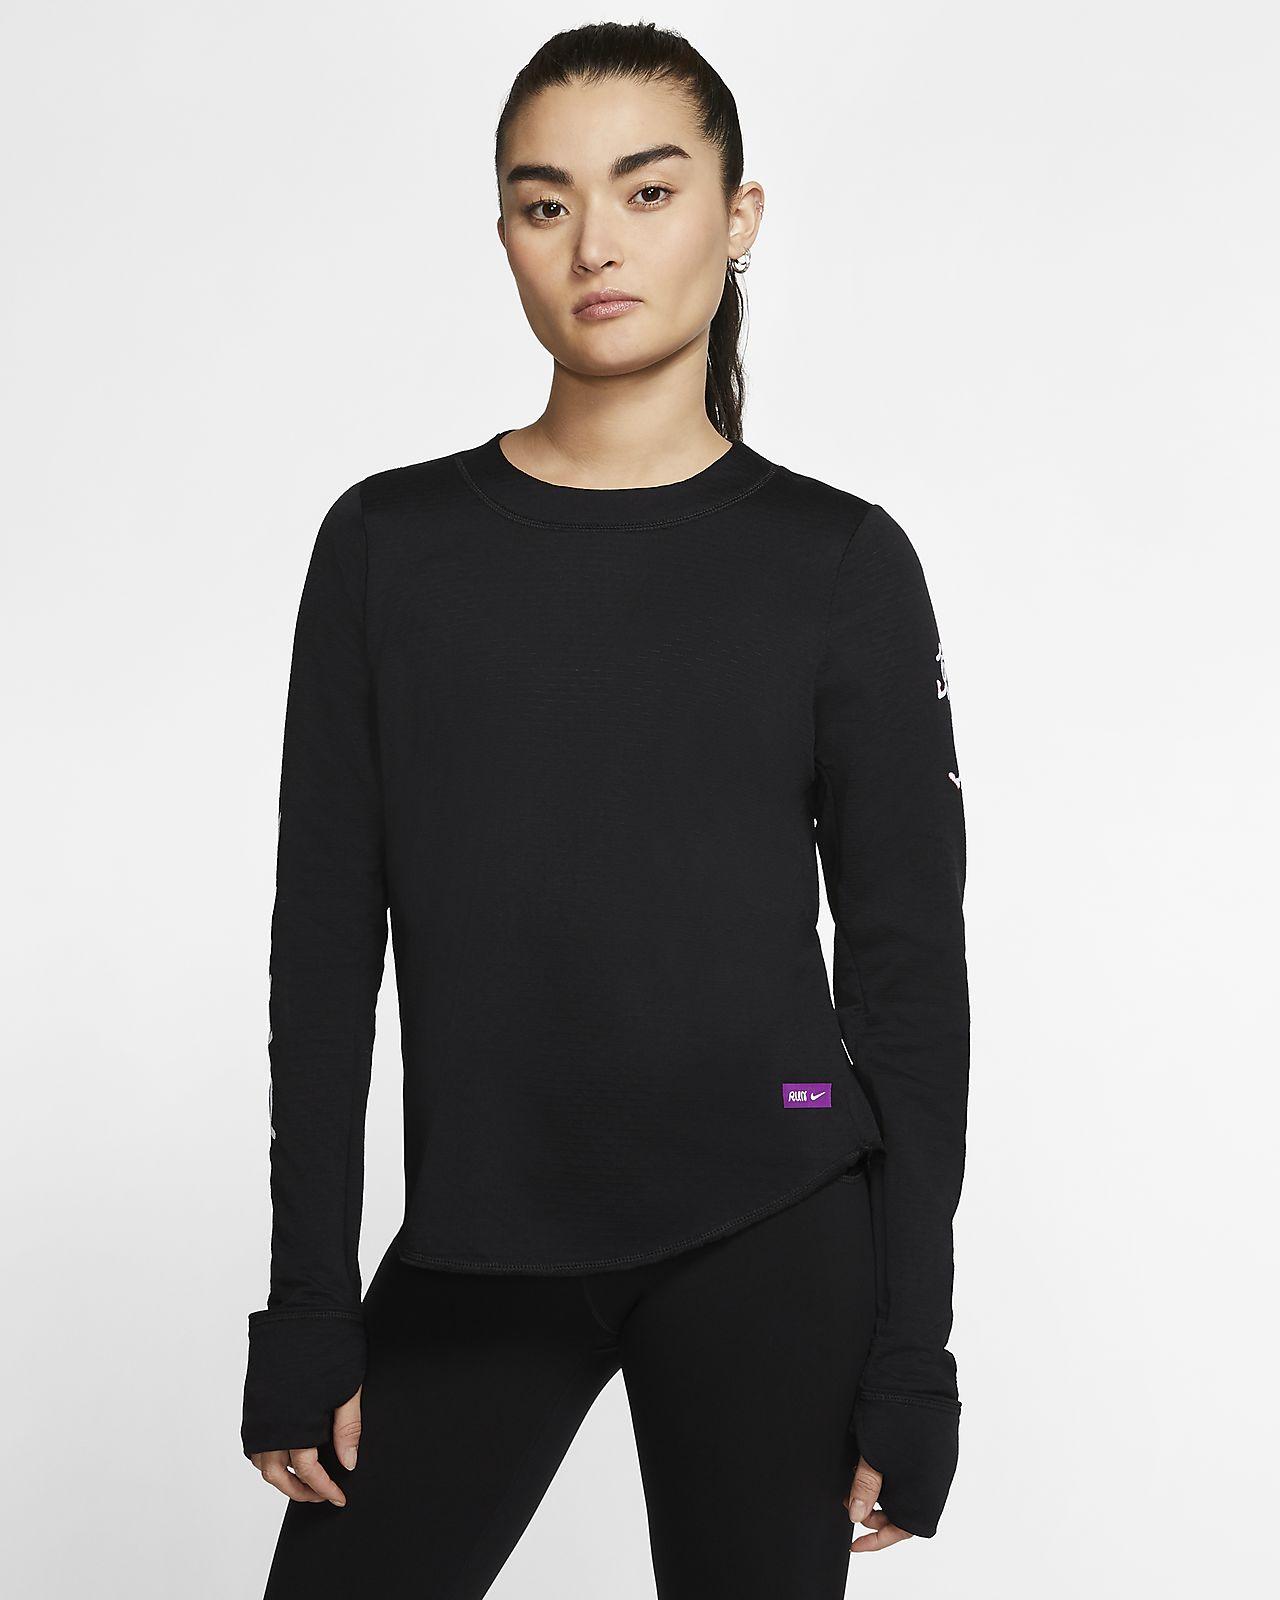 Nike Sphere Tokyo Women's Long-Sleeve Running Top